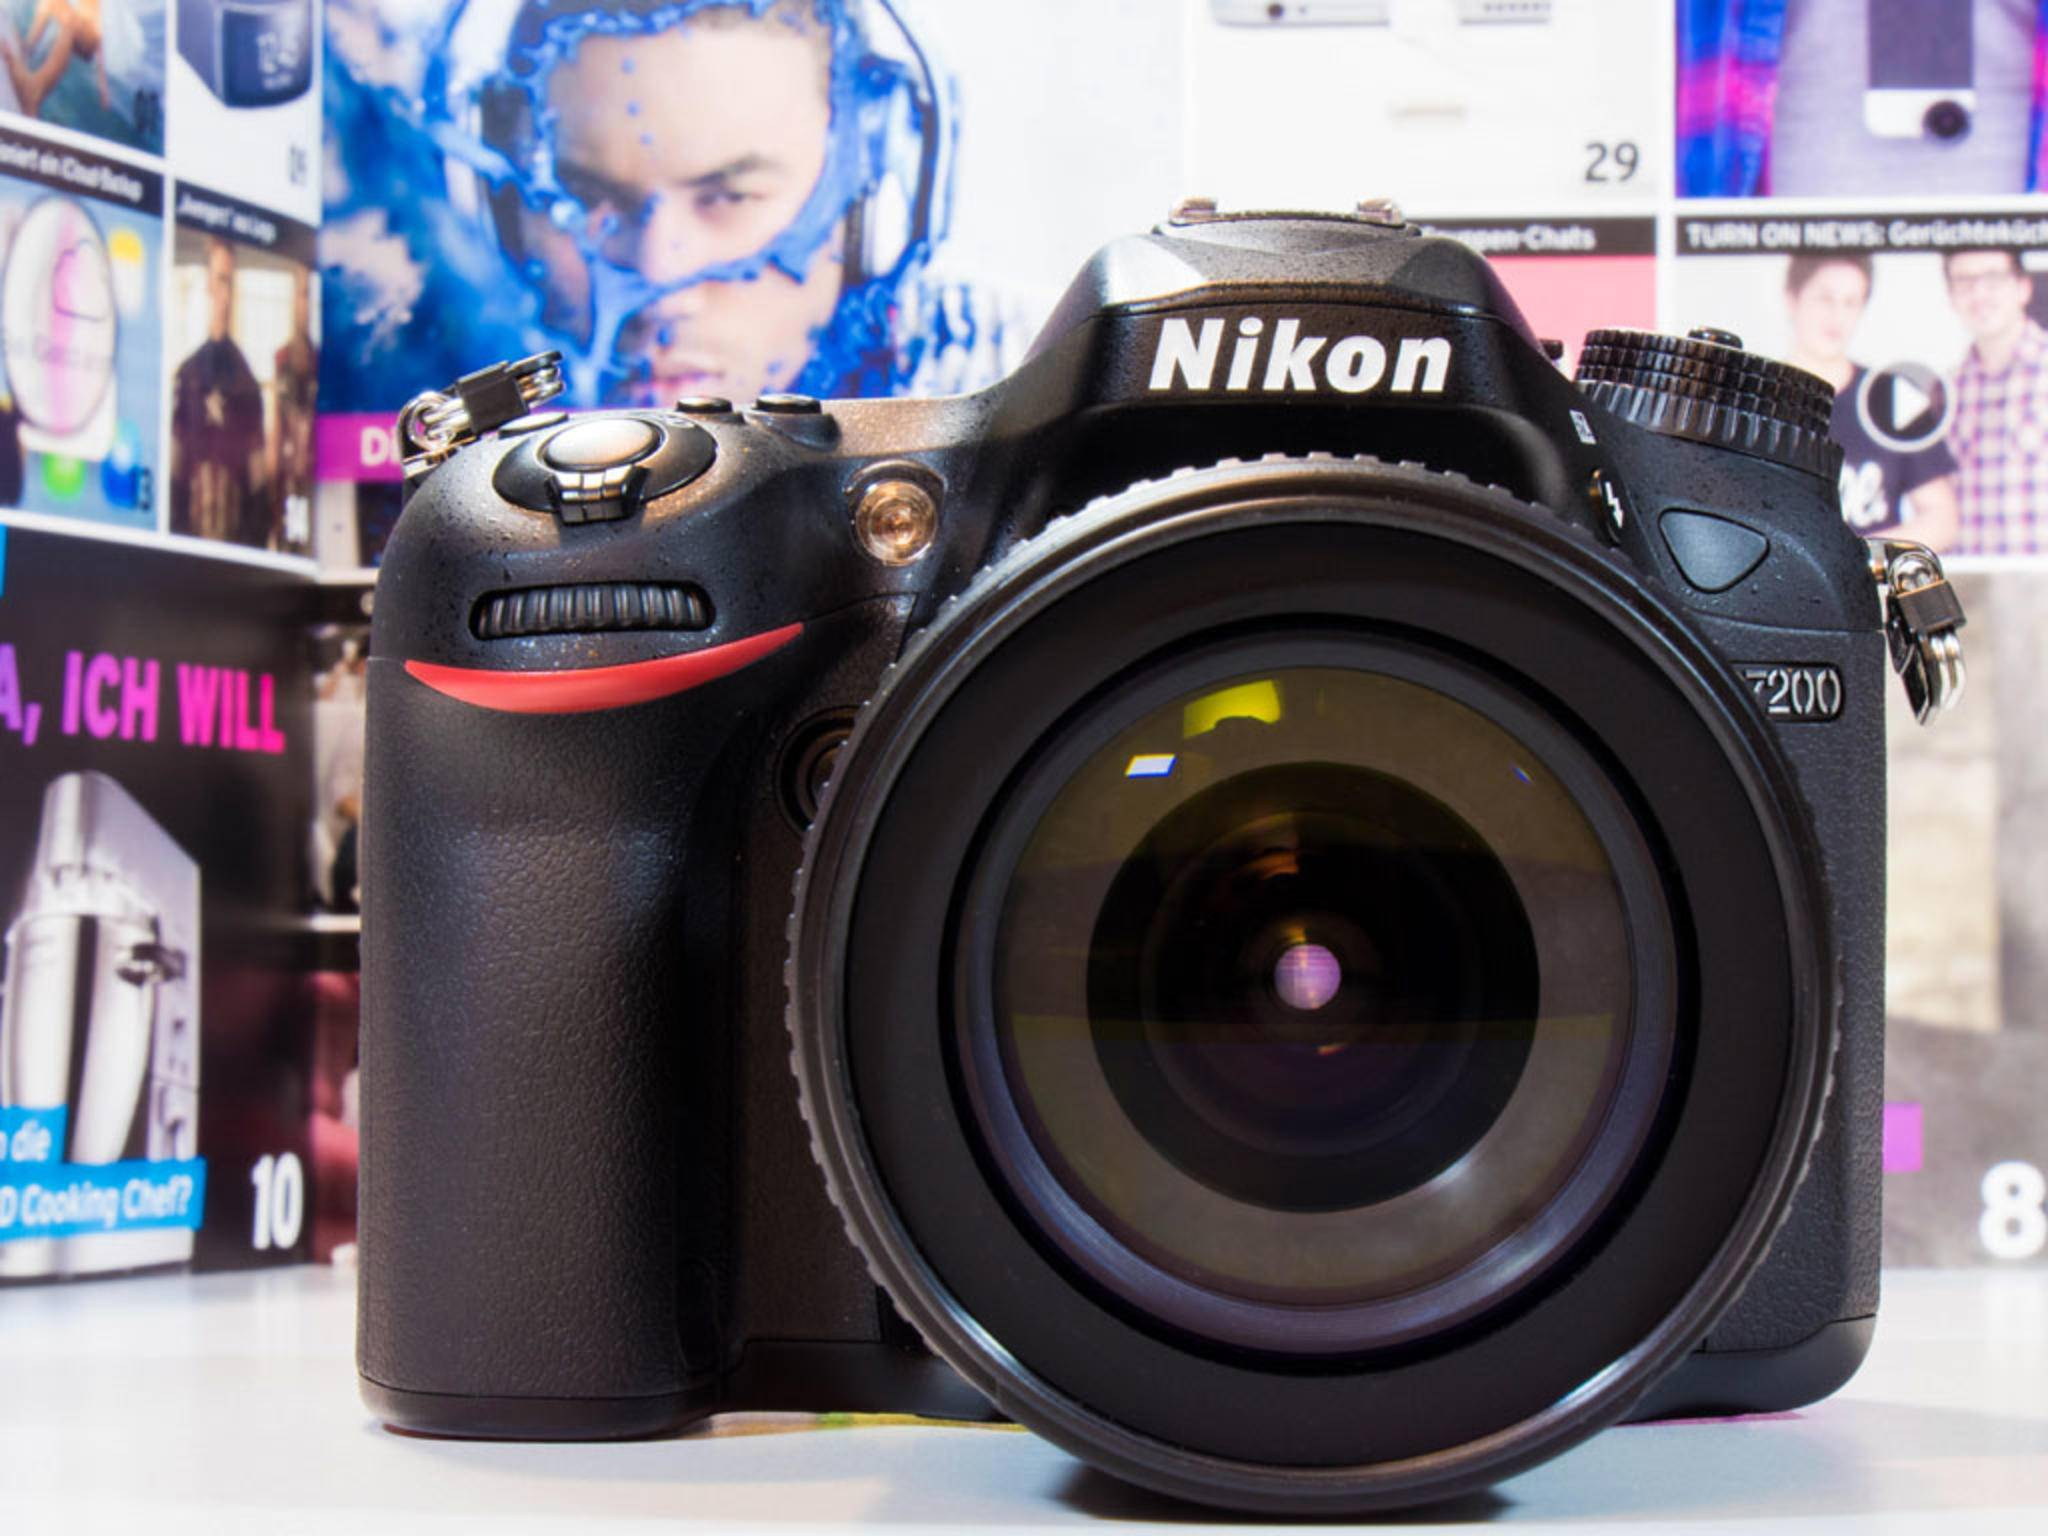 DSLR-Modelle wie die Nikon D7200 bringen natürlich eine gewisse Größe mit.